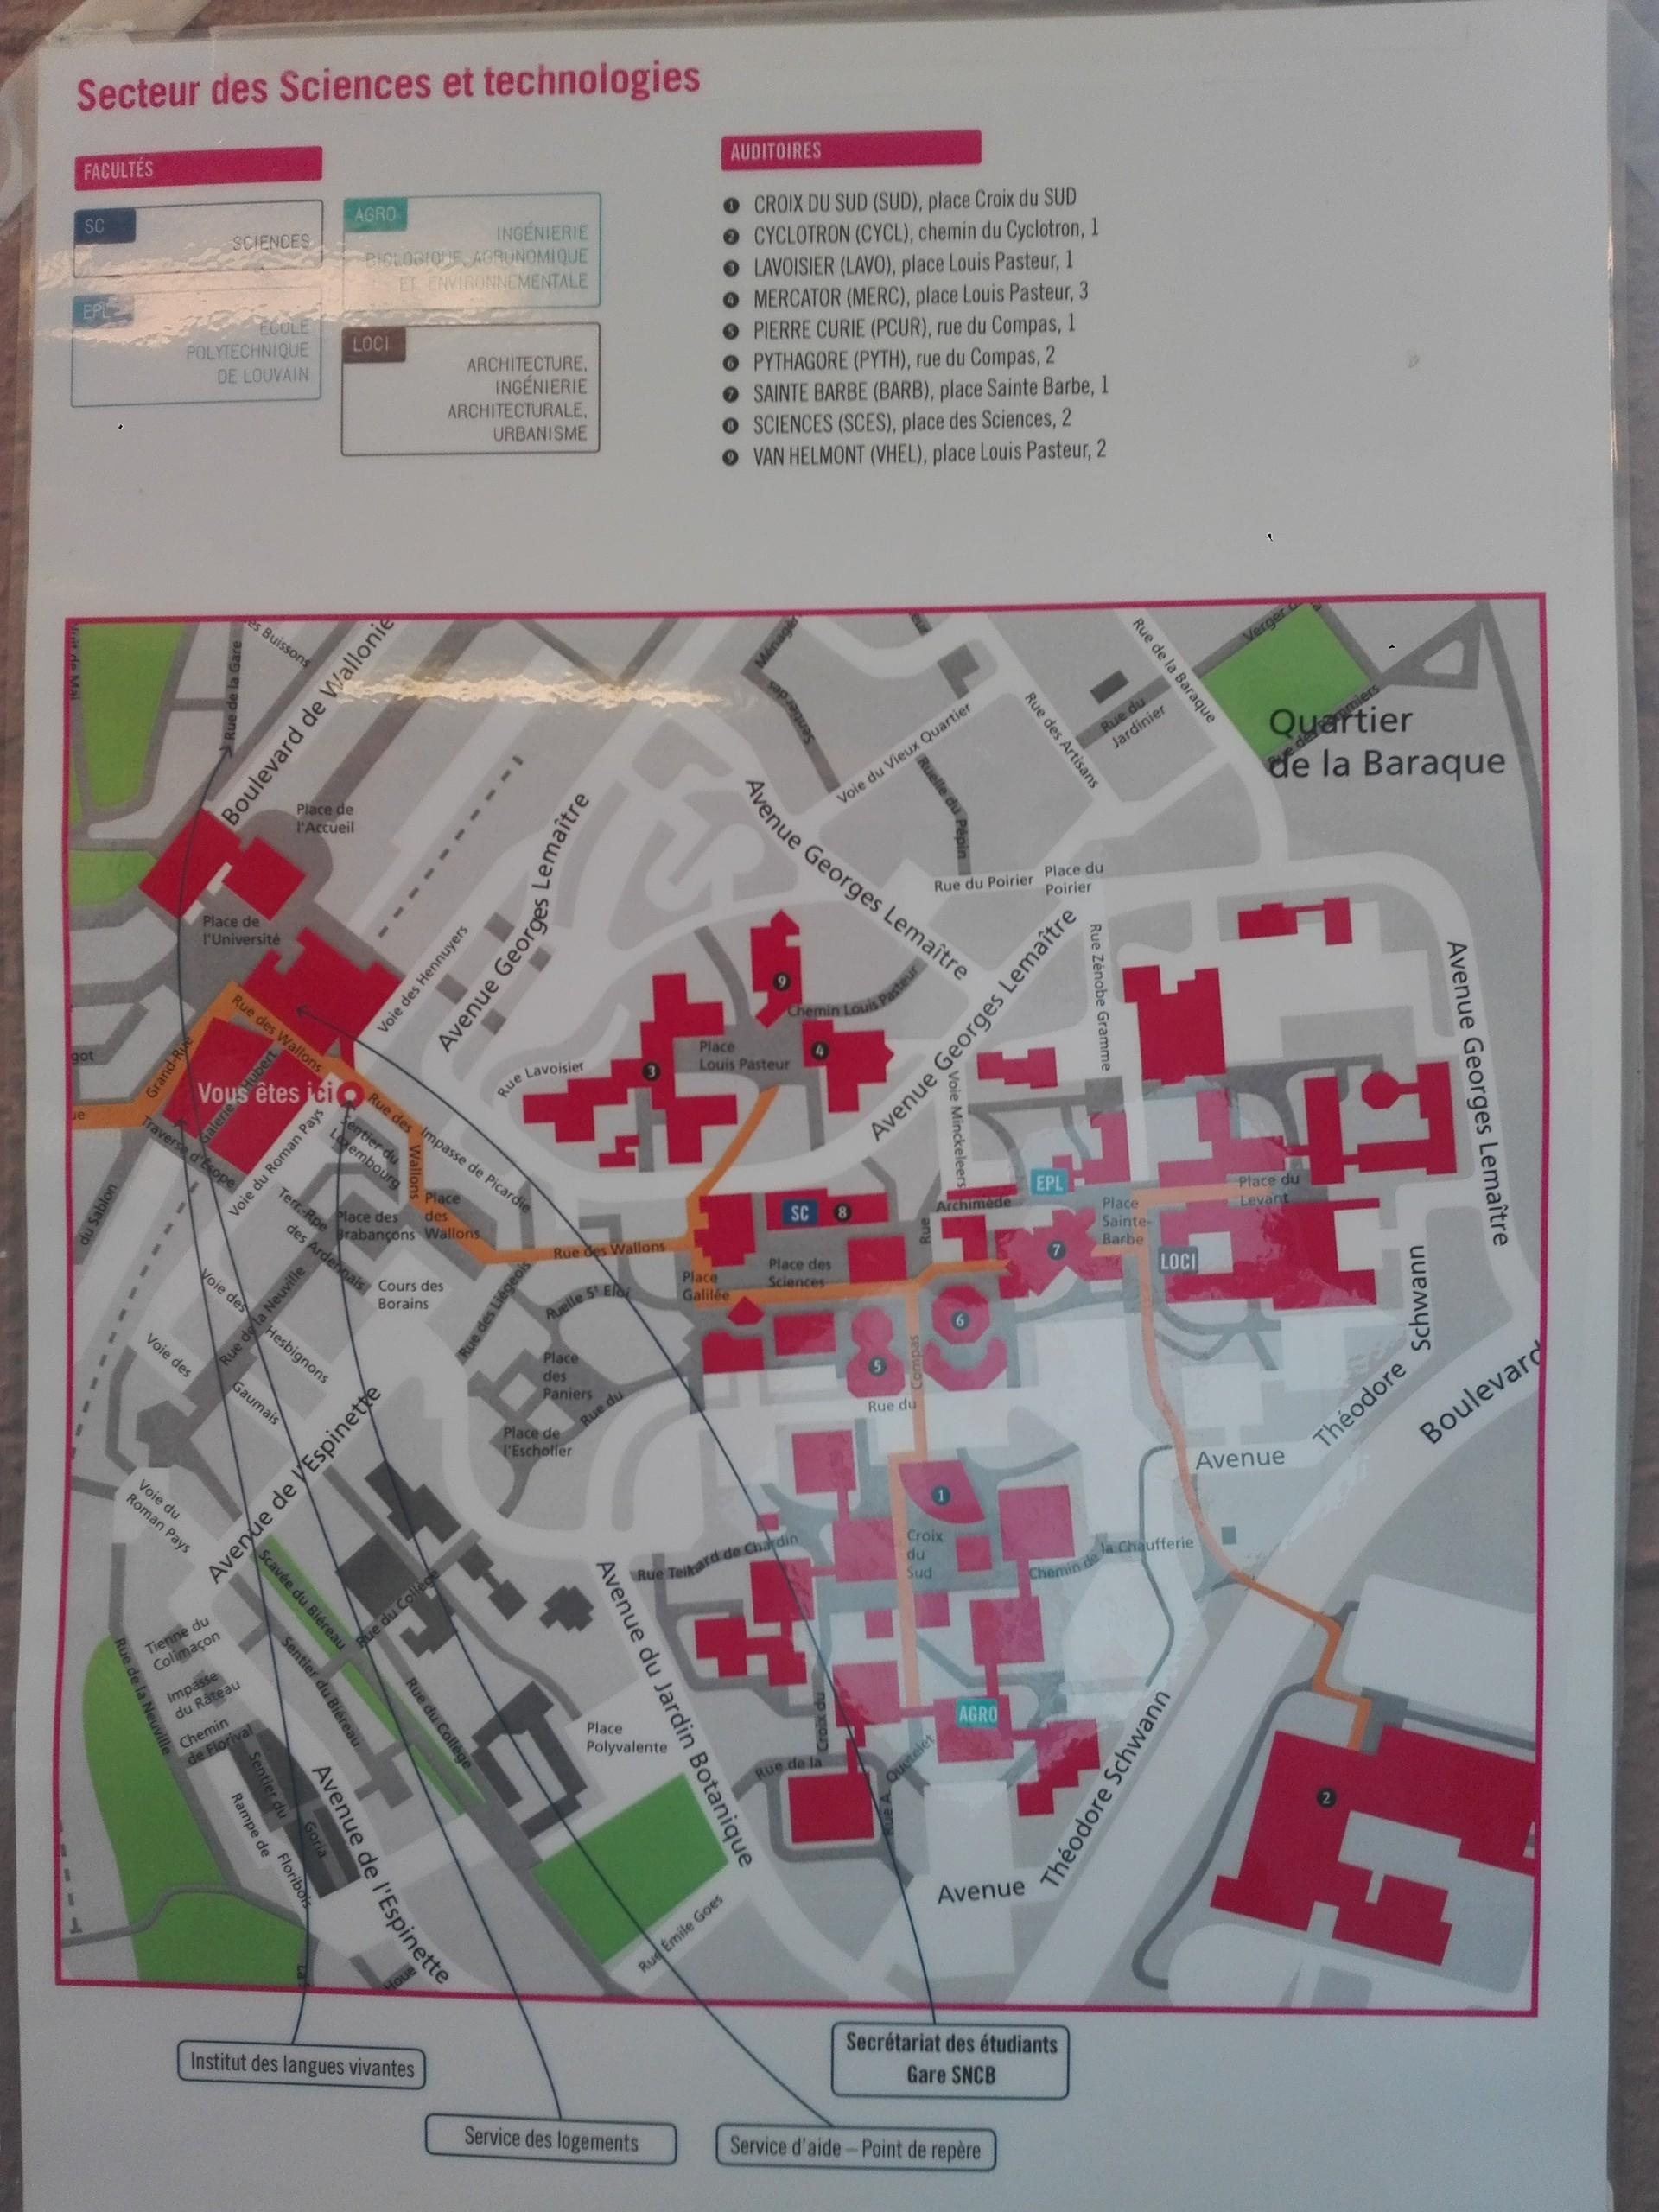 ucl-universite-catholique-de-louvain-la-